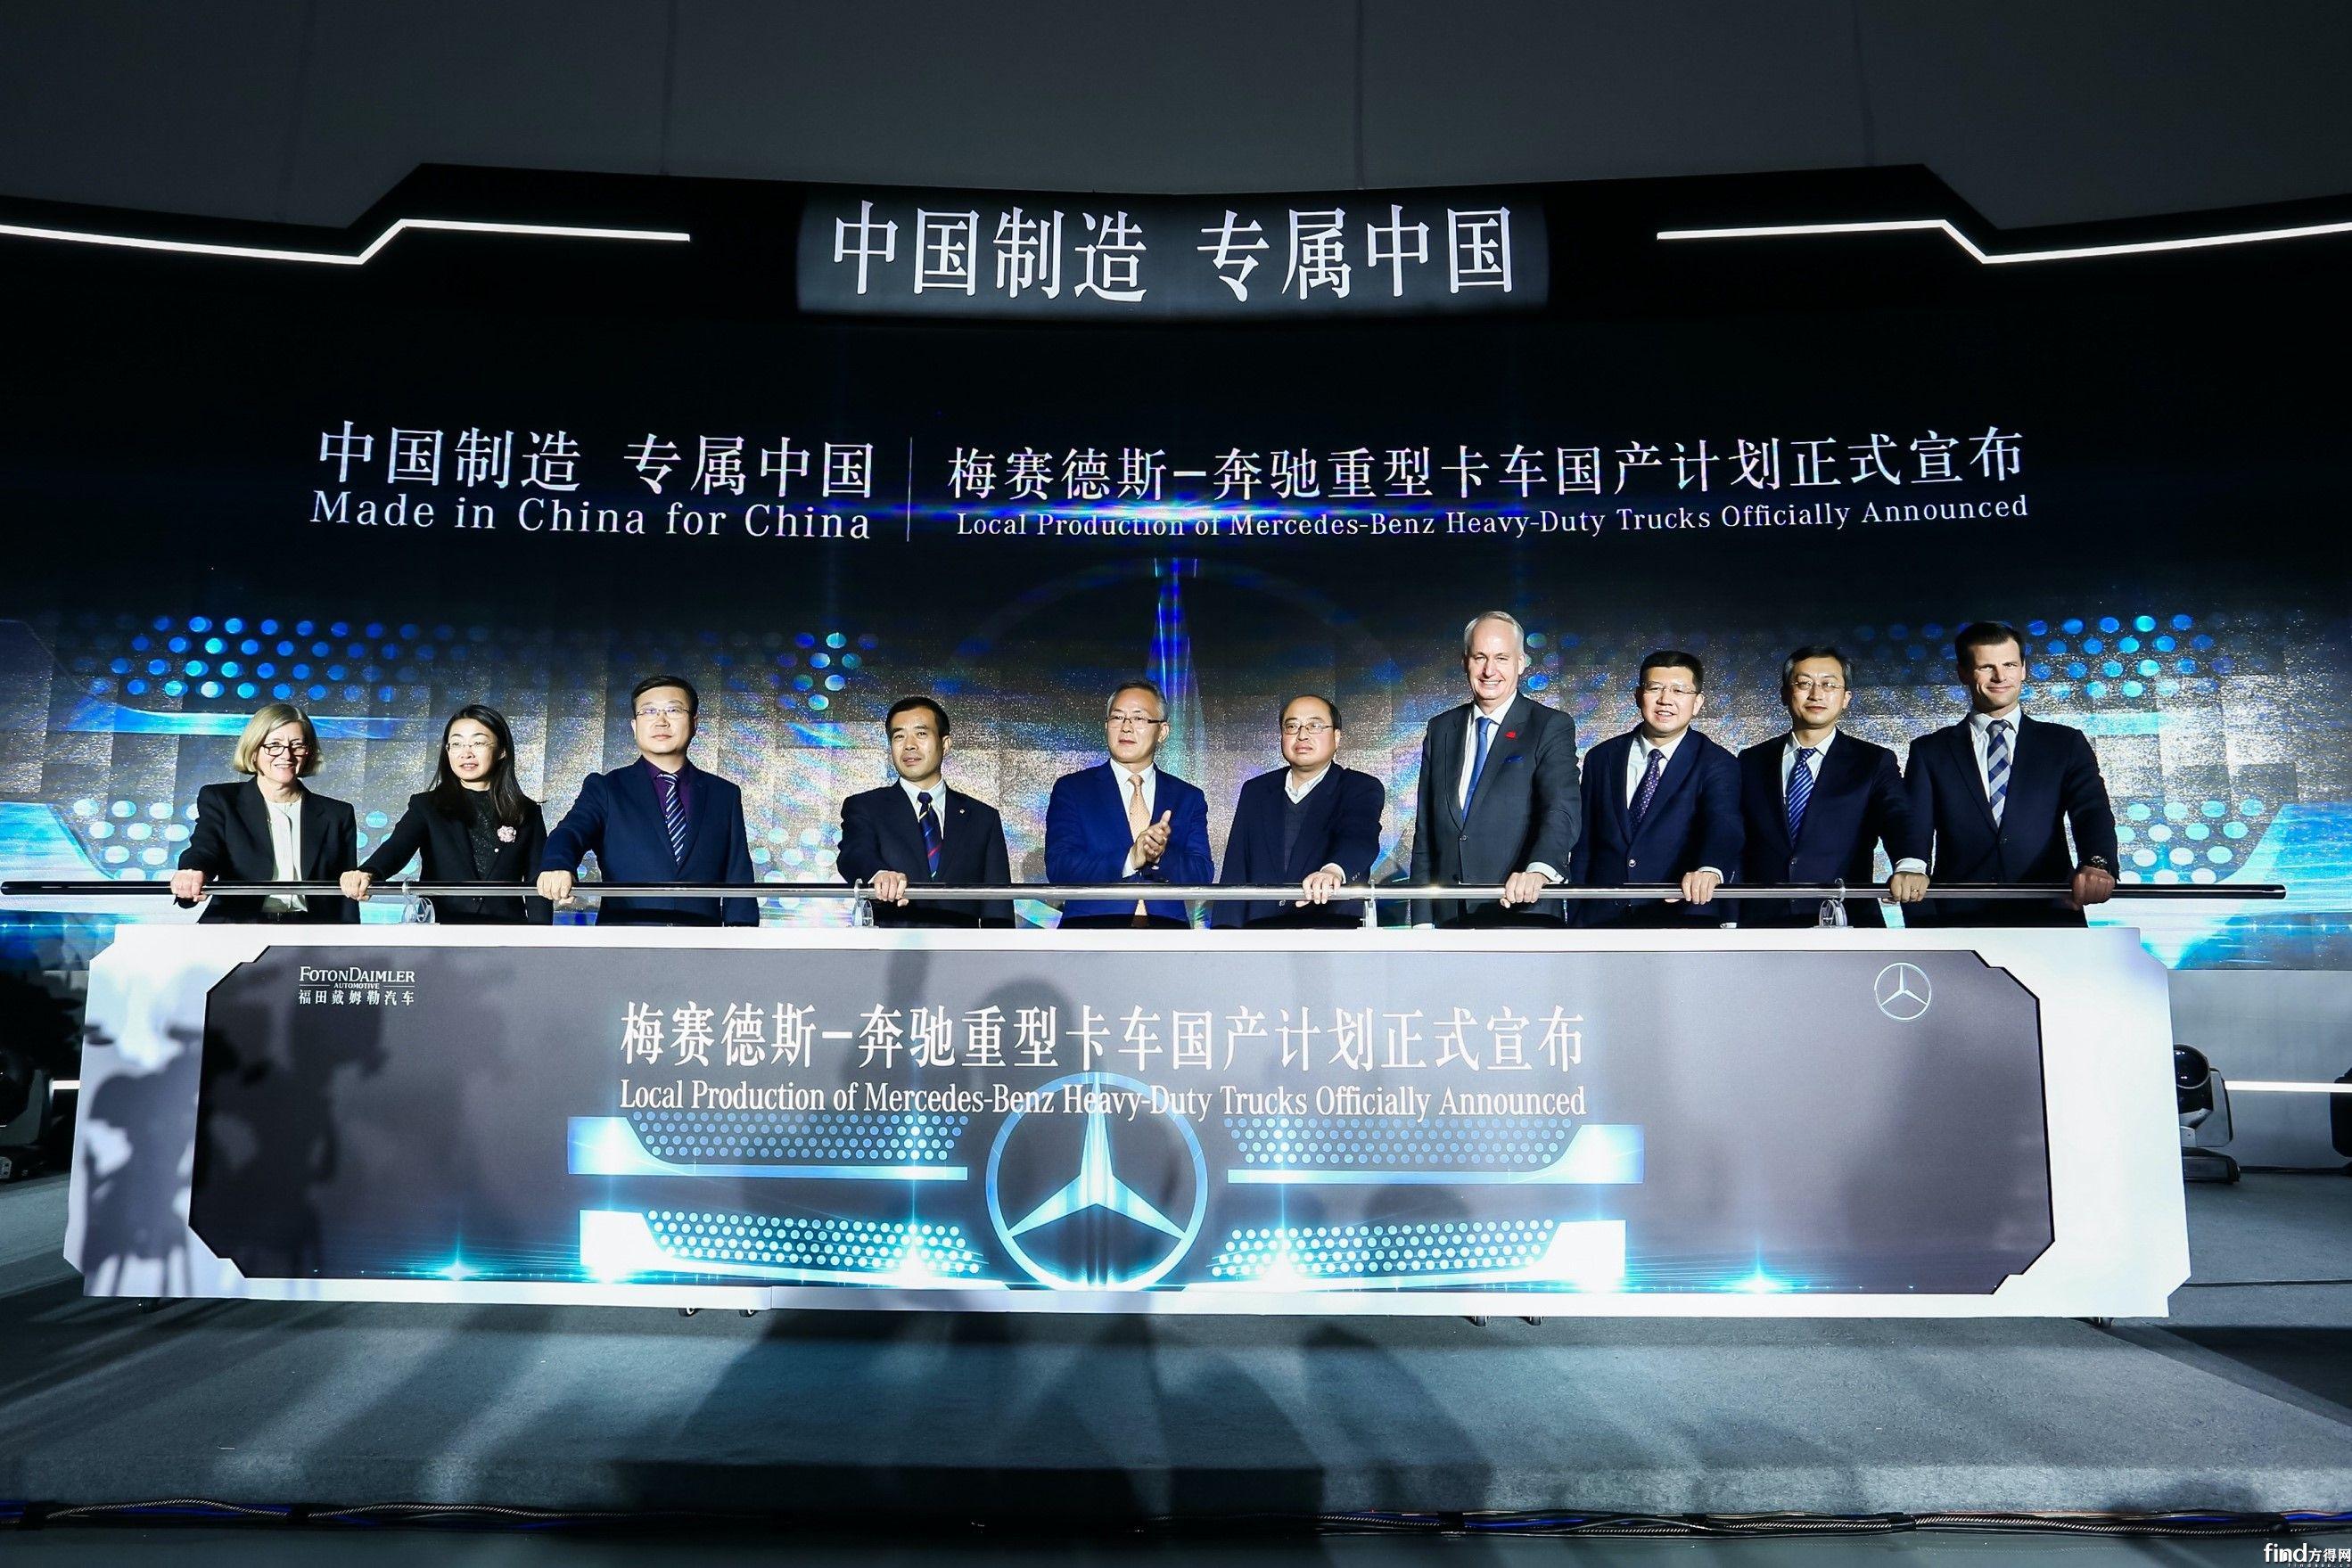 福田汽车深化与戴姆勒合作  梅赛德斯-奔驰重型卡车国产计划正式宣布